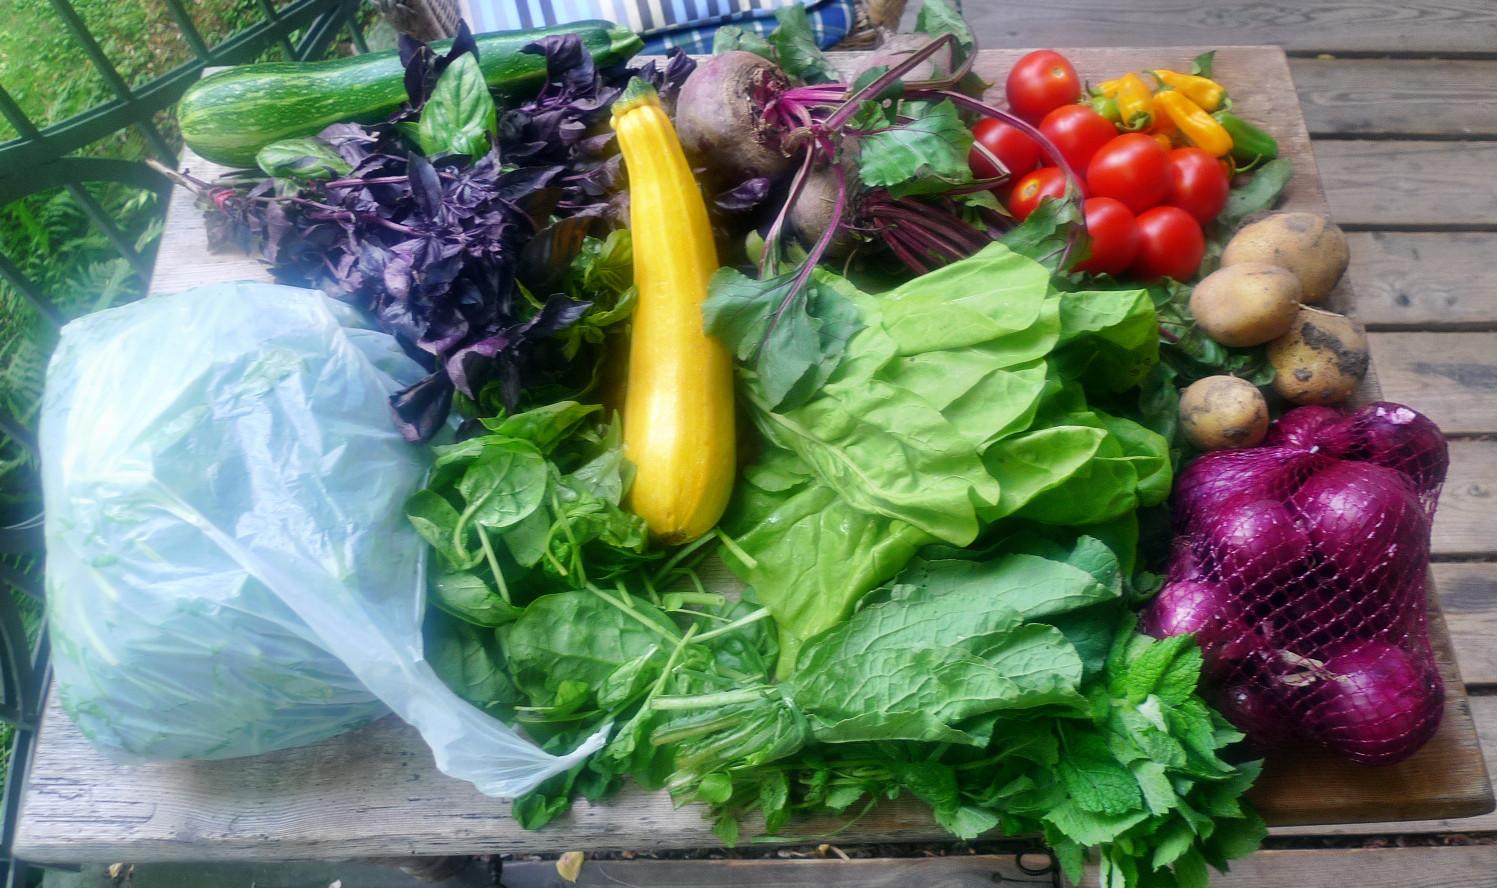 Gemüse vom Markt -22.8 (3)